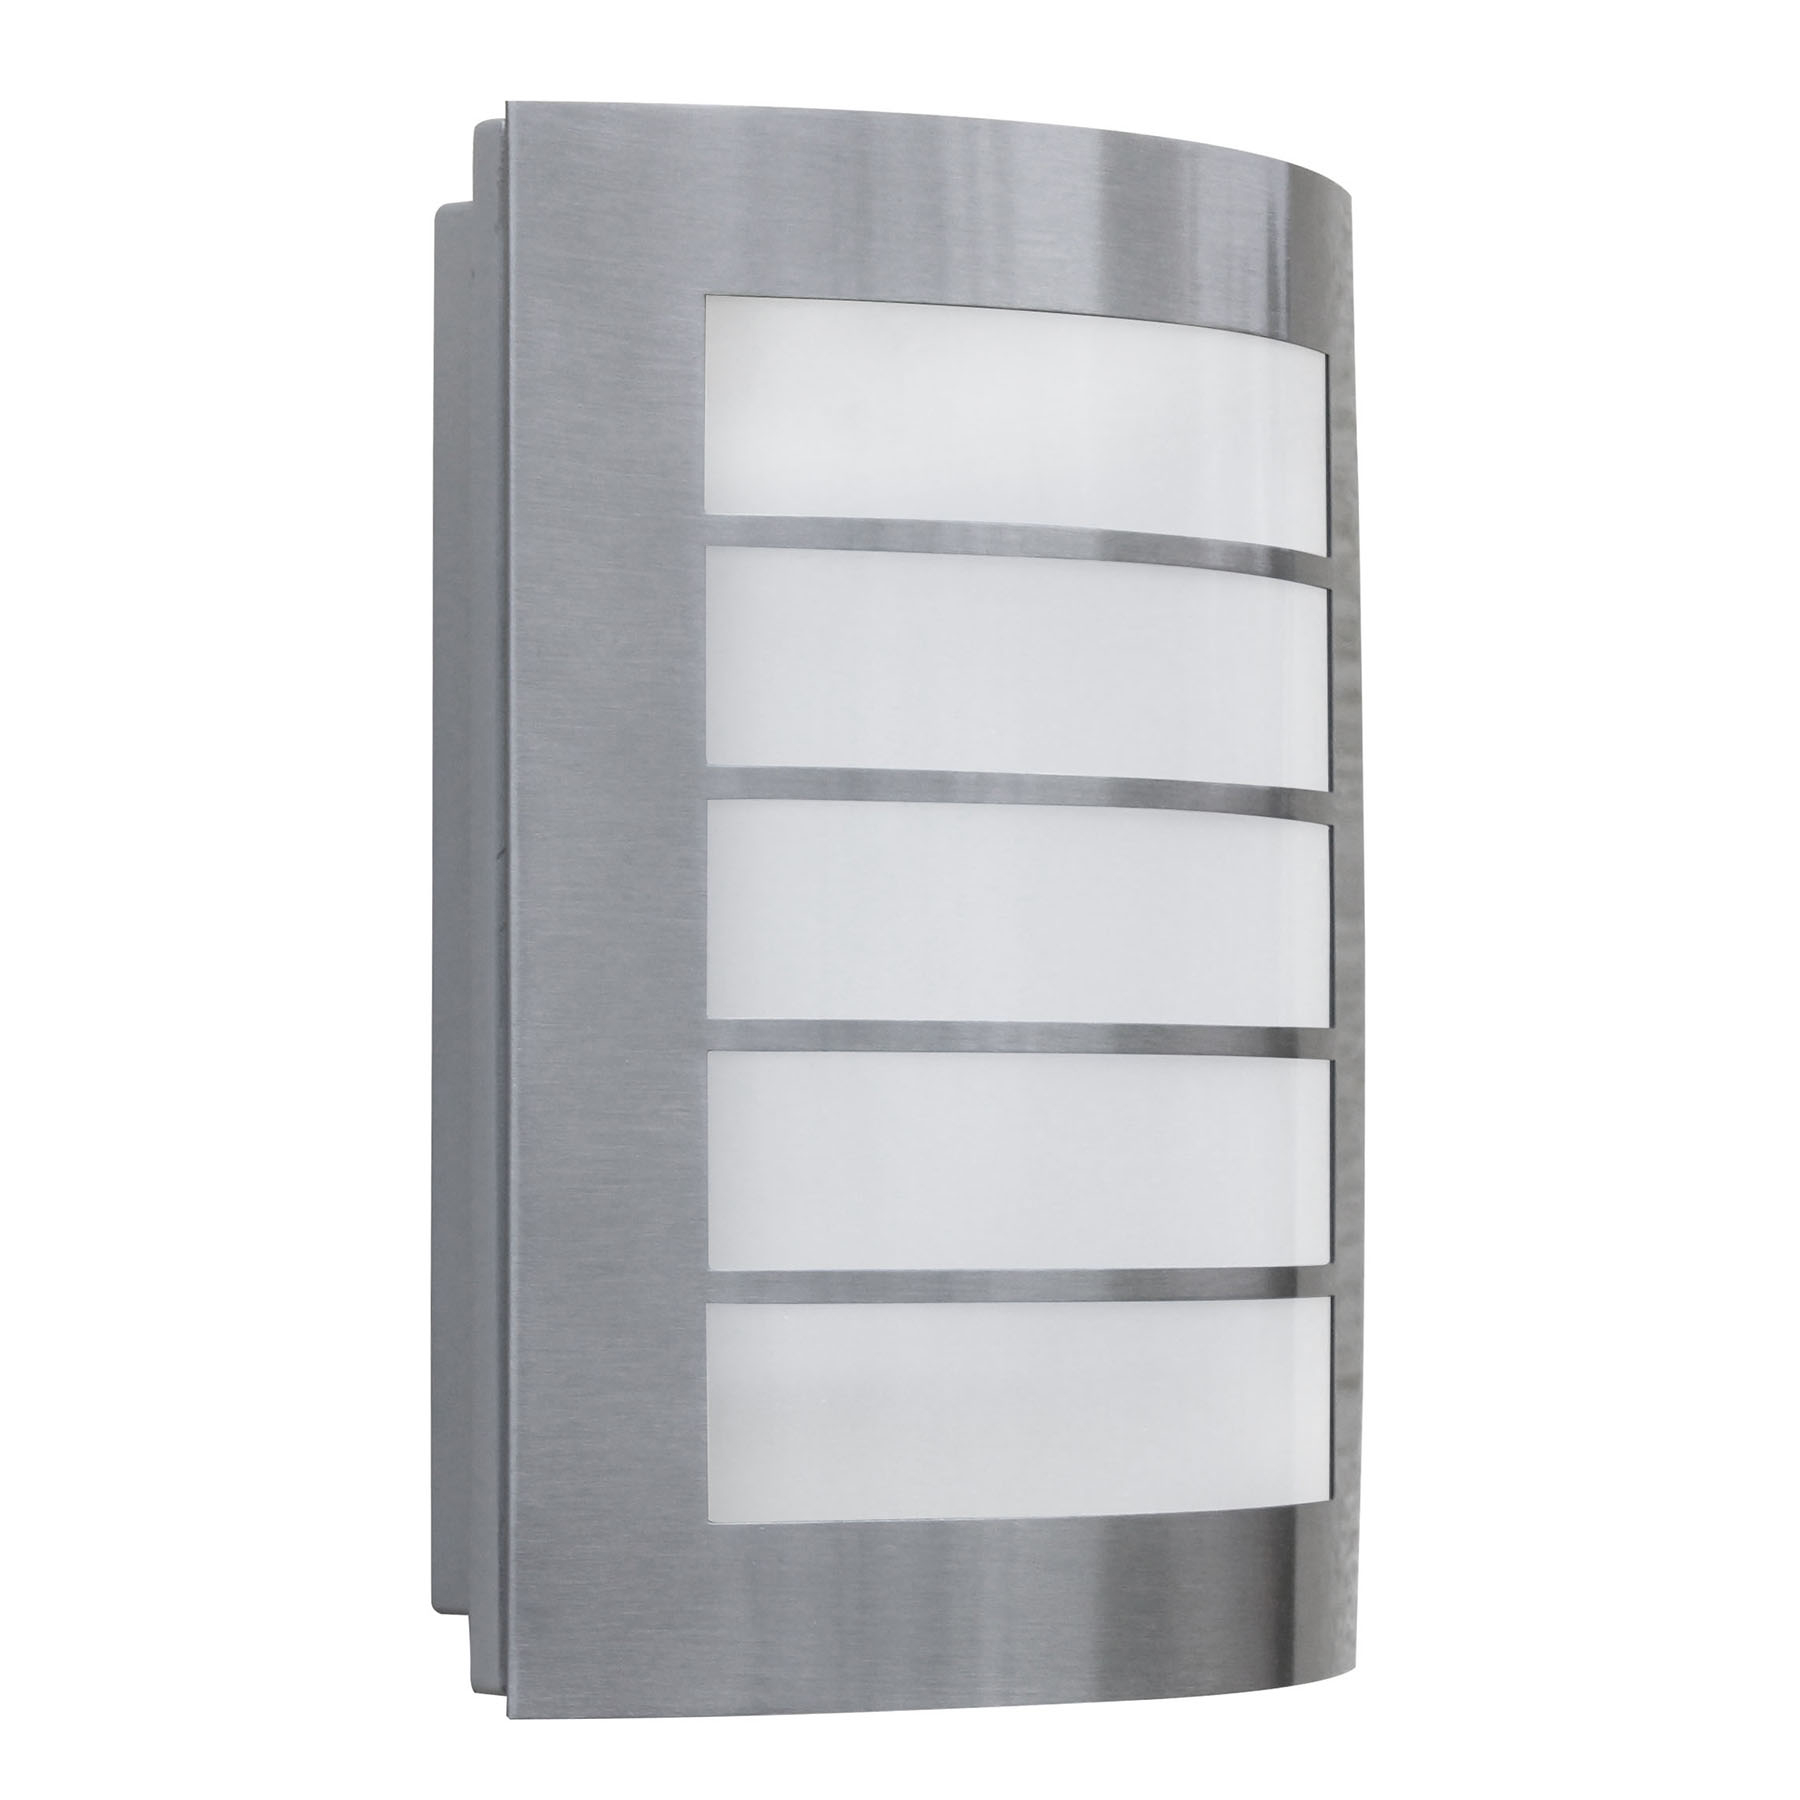 LED-Außenwandleuchte Slim